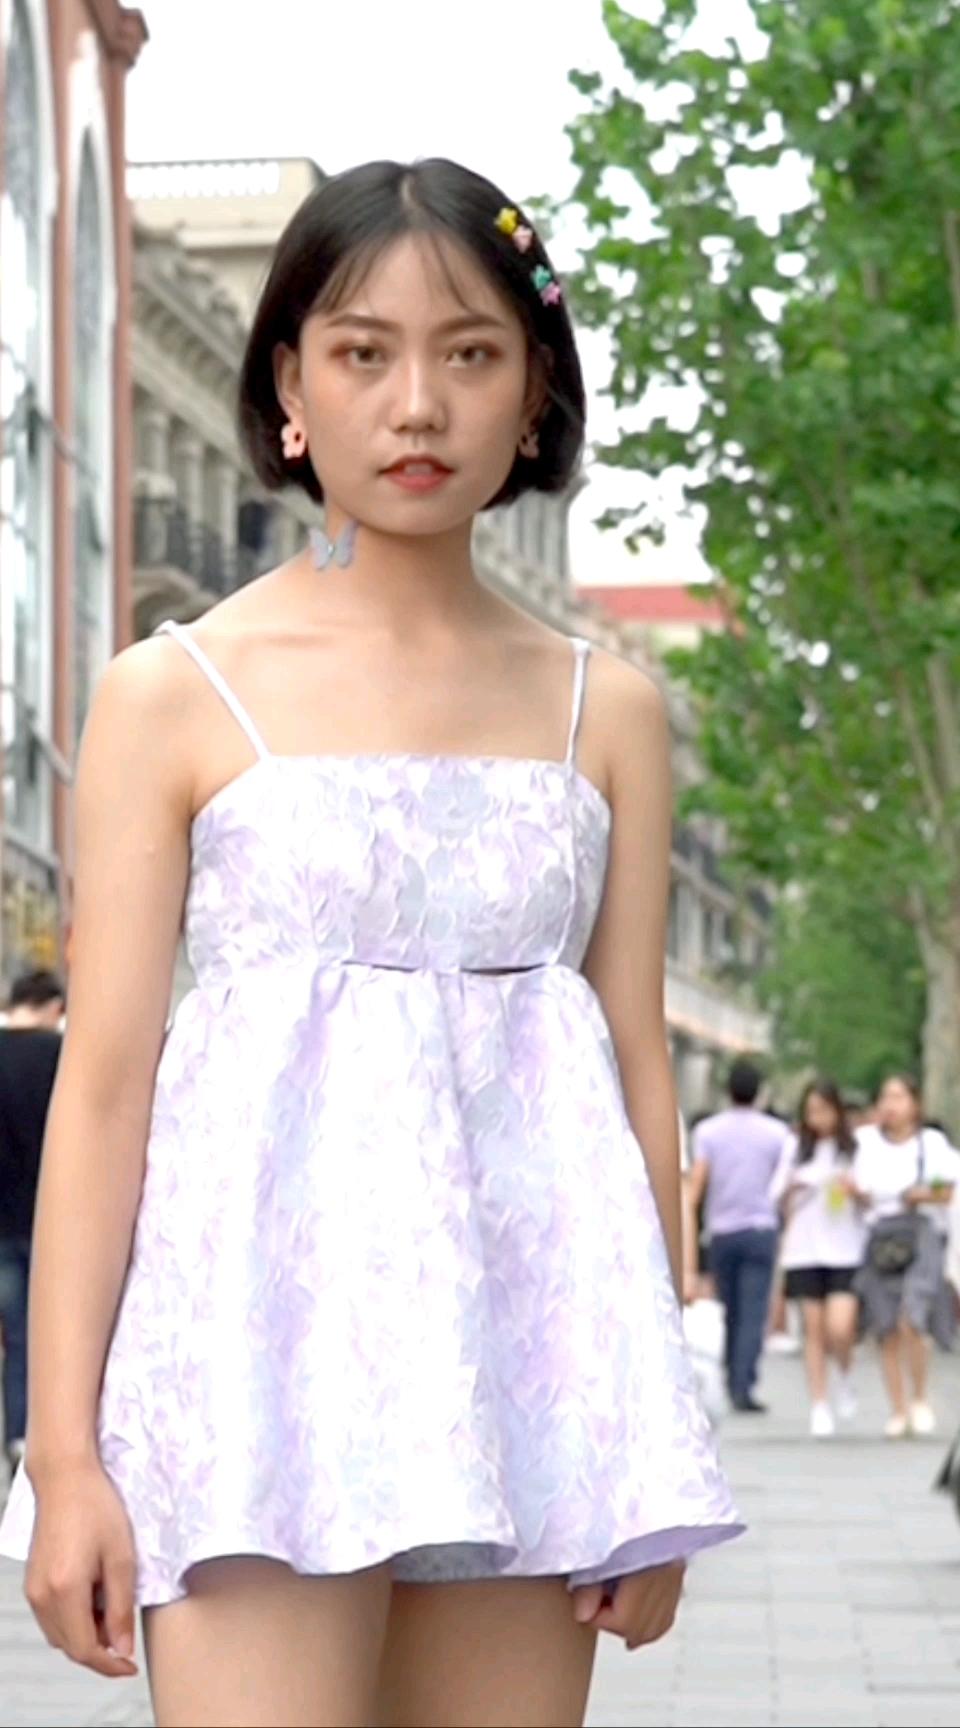 偶遇超耿直的幼师小姐姐,这条裙子显腿2米长…#街拍# 你们的显腿长神器是什么?